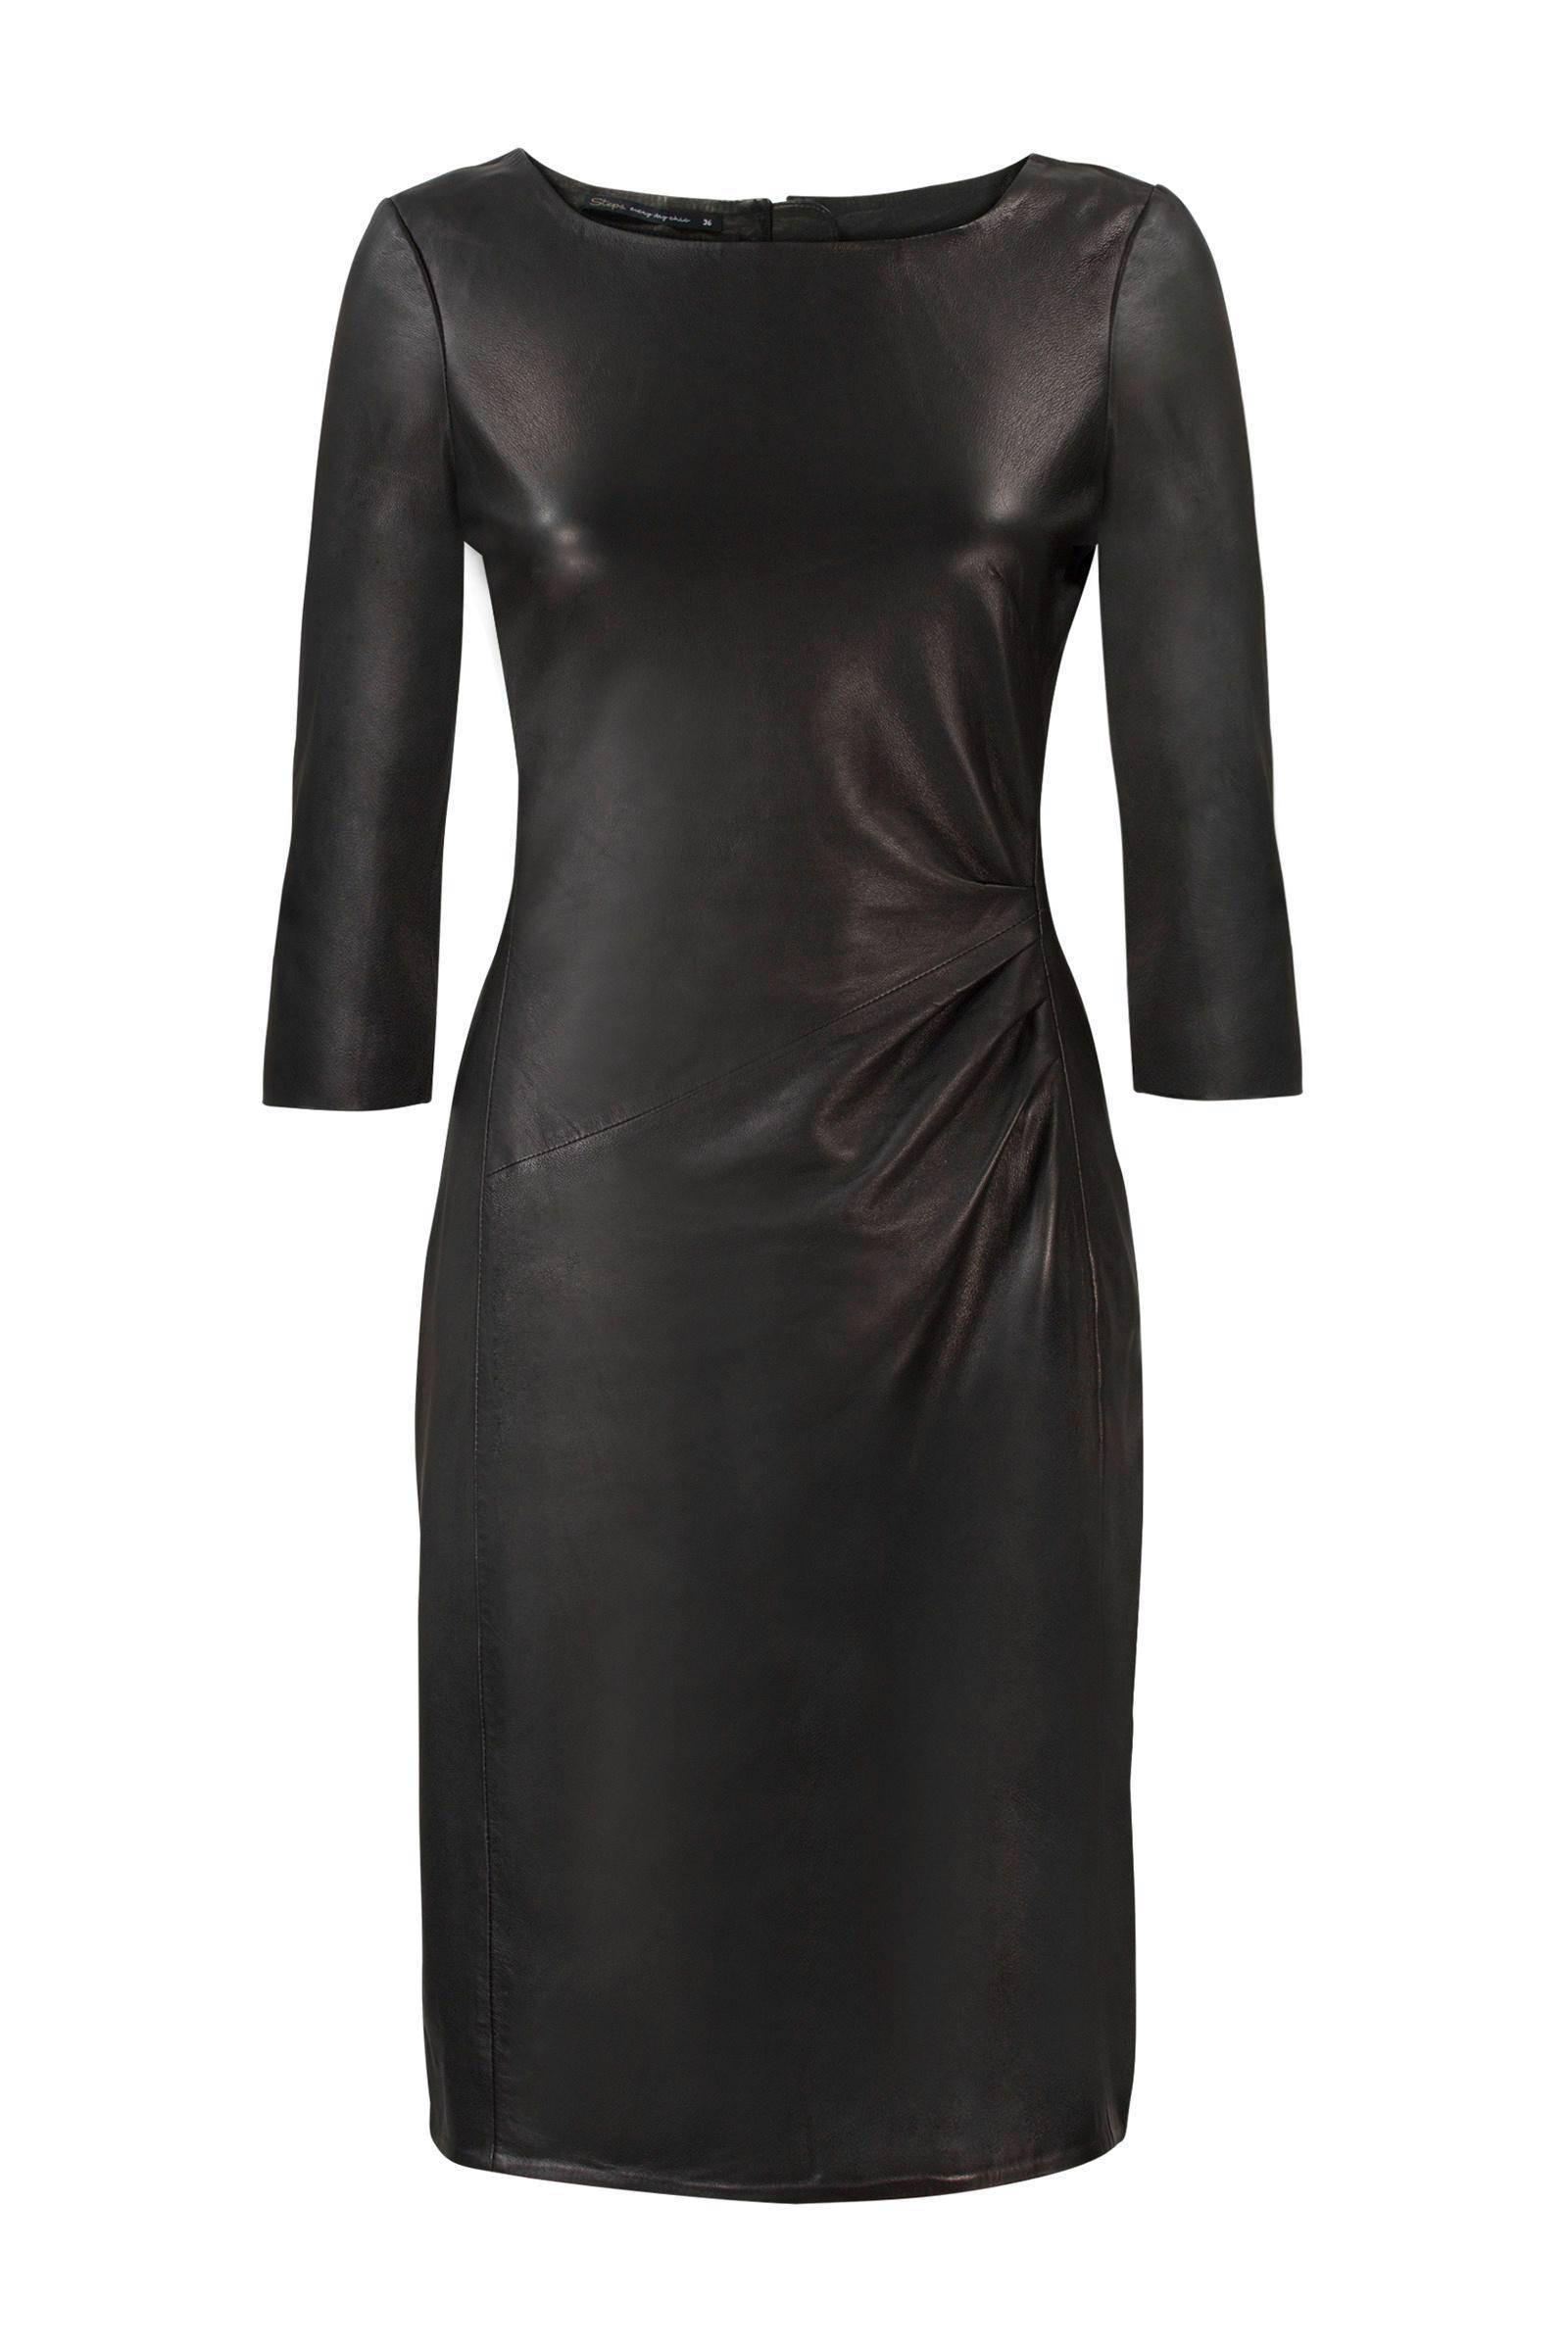 zwarte jurk met leer